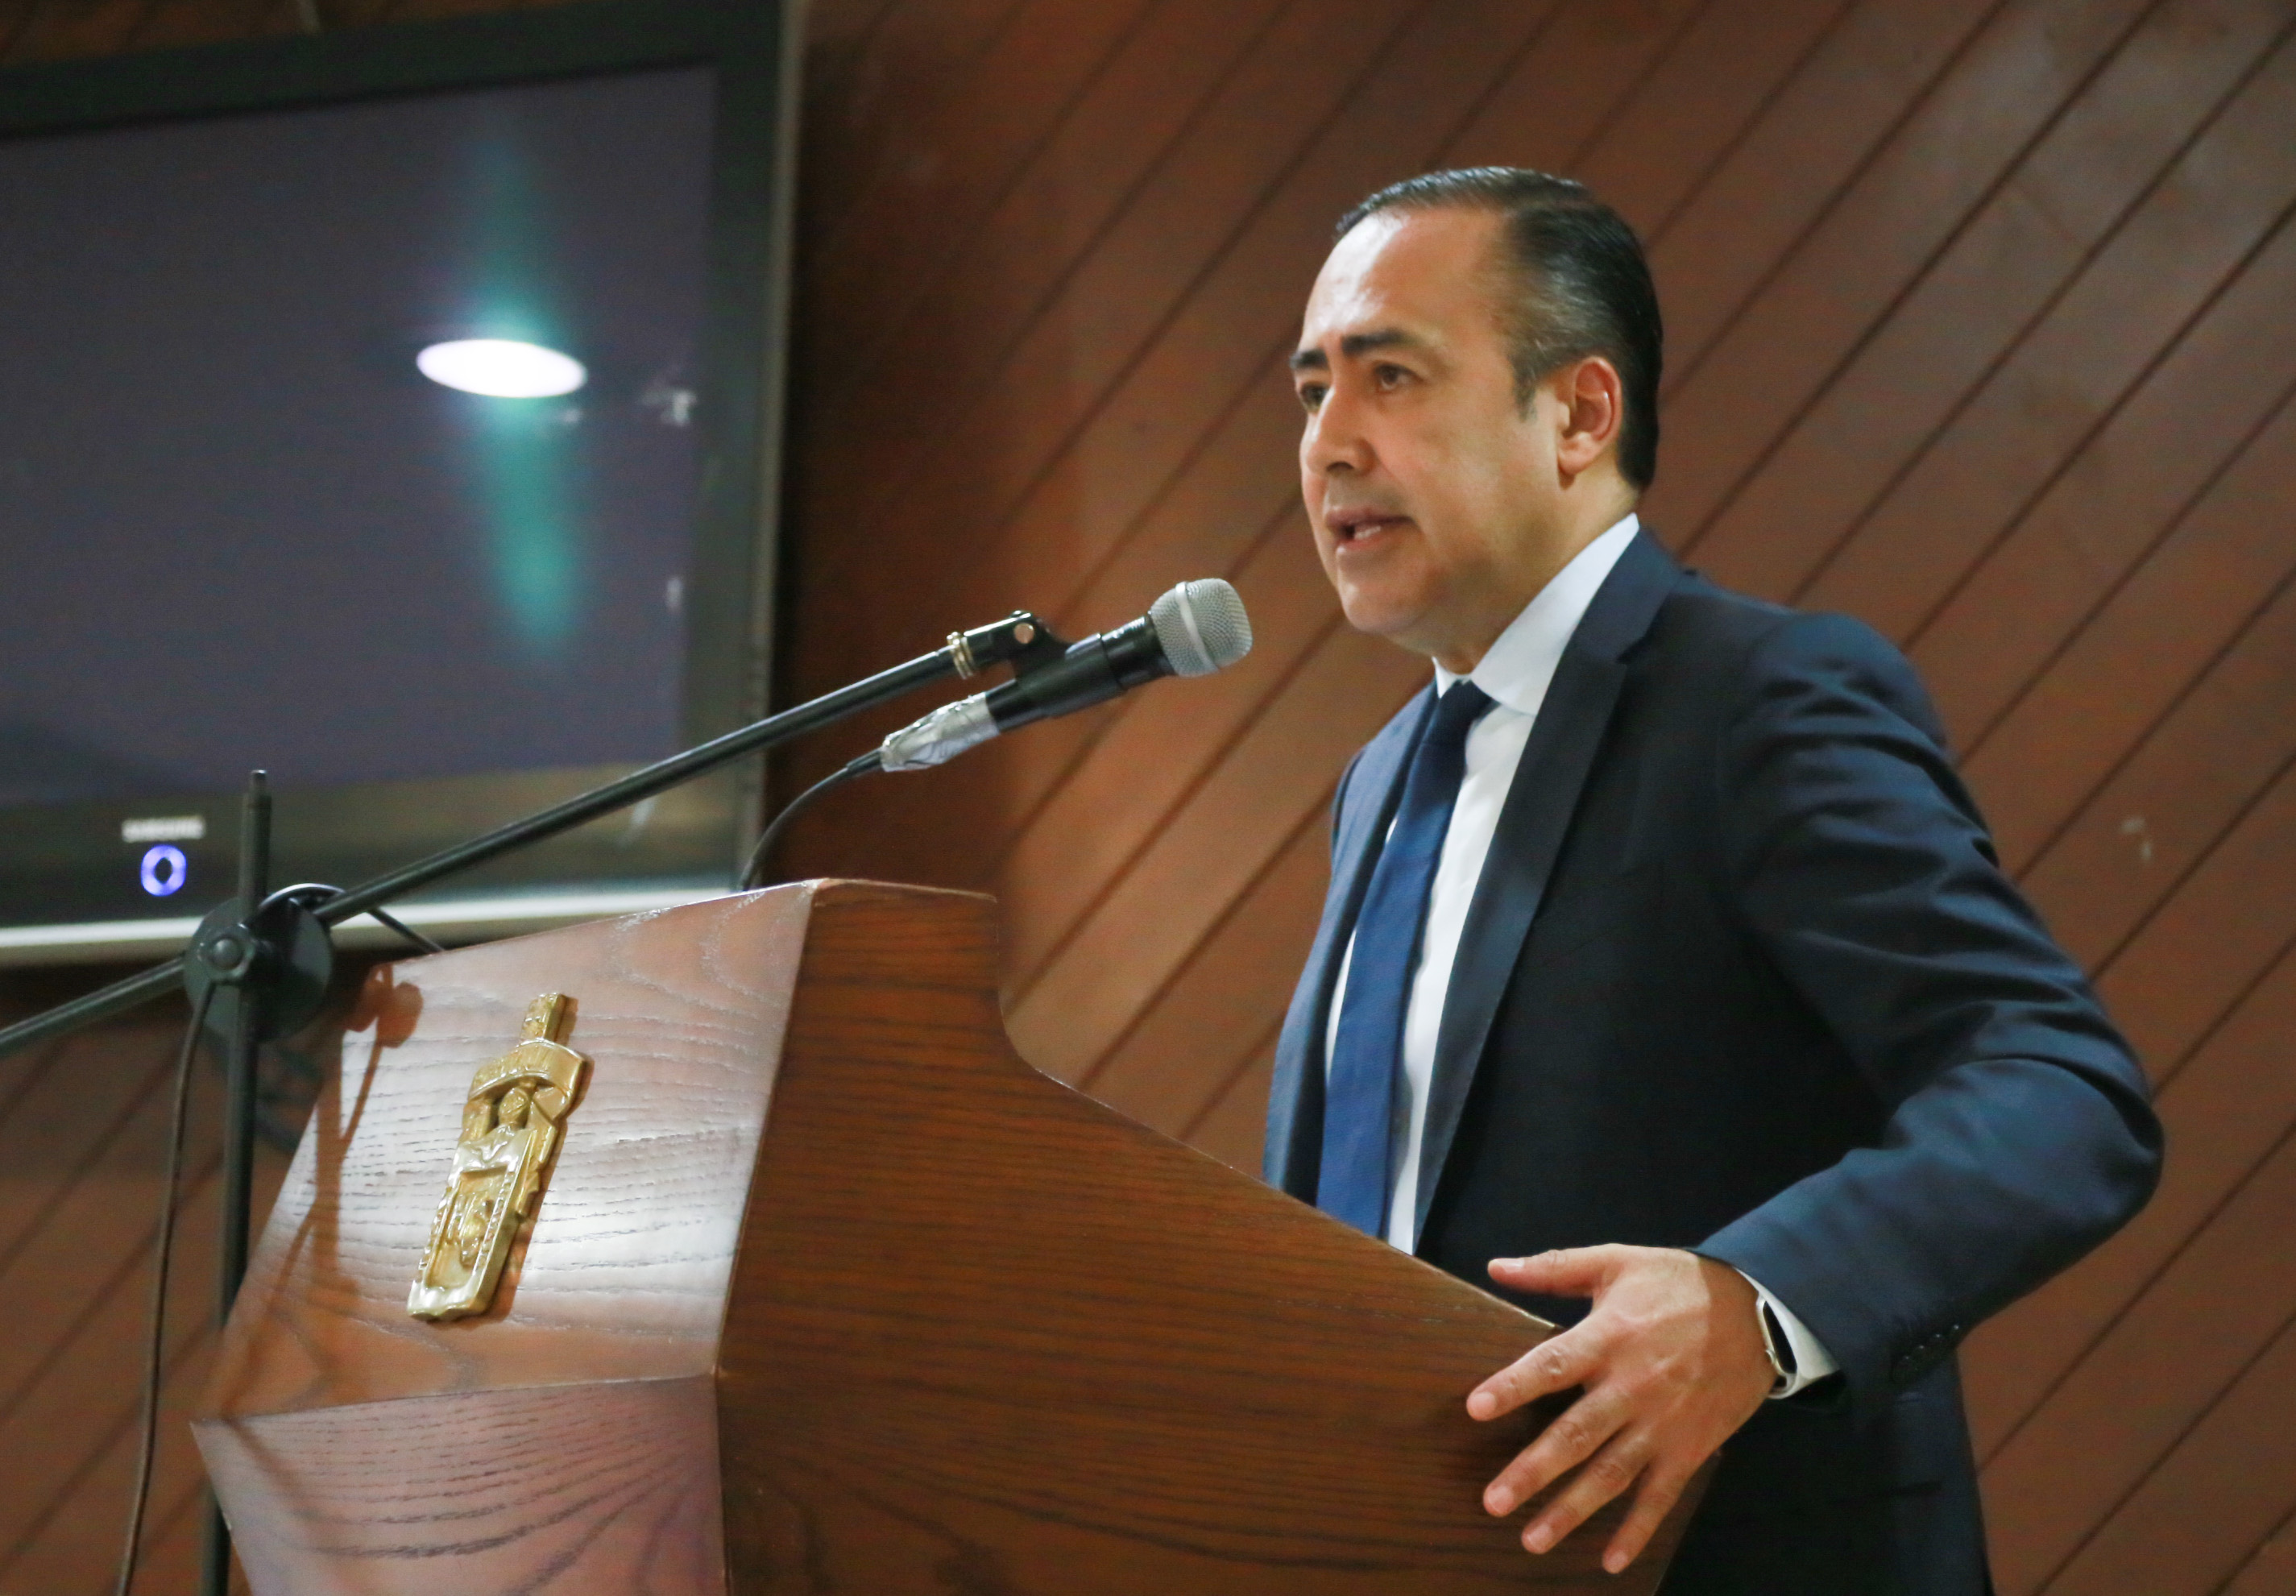 El doctor Jaime Andrade Villanueva, director general del Hospital Civil de Guadalajara, en su participación durante la conmemoración del Día Mundial de la Osteoporosis